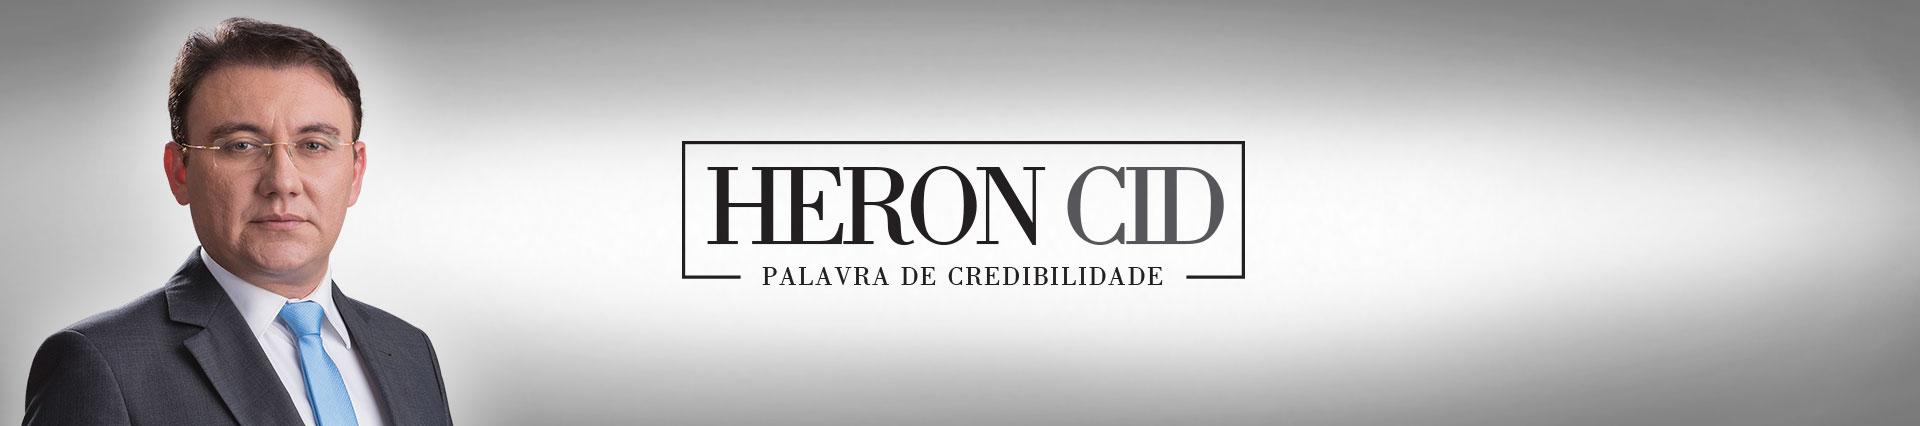 Heron Cid